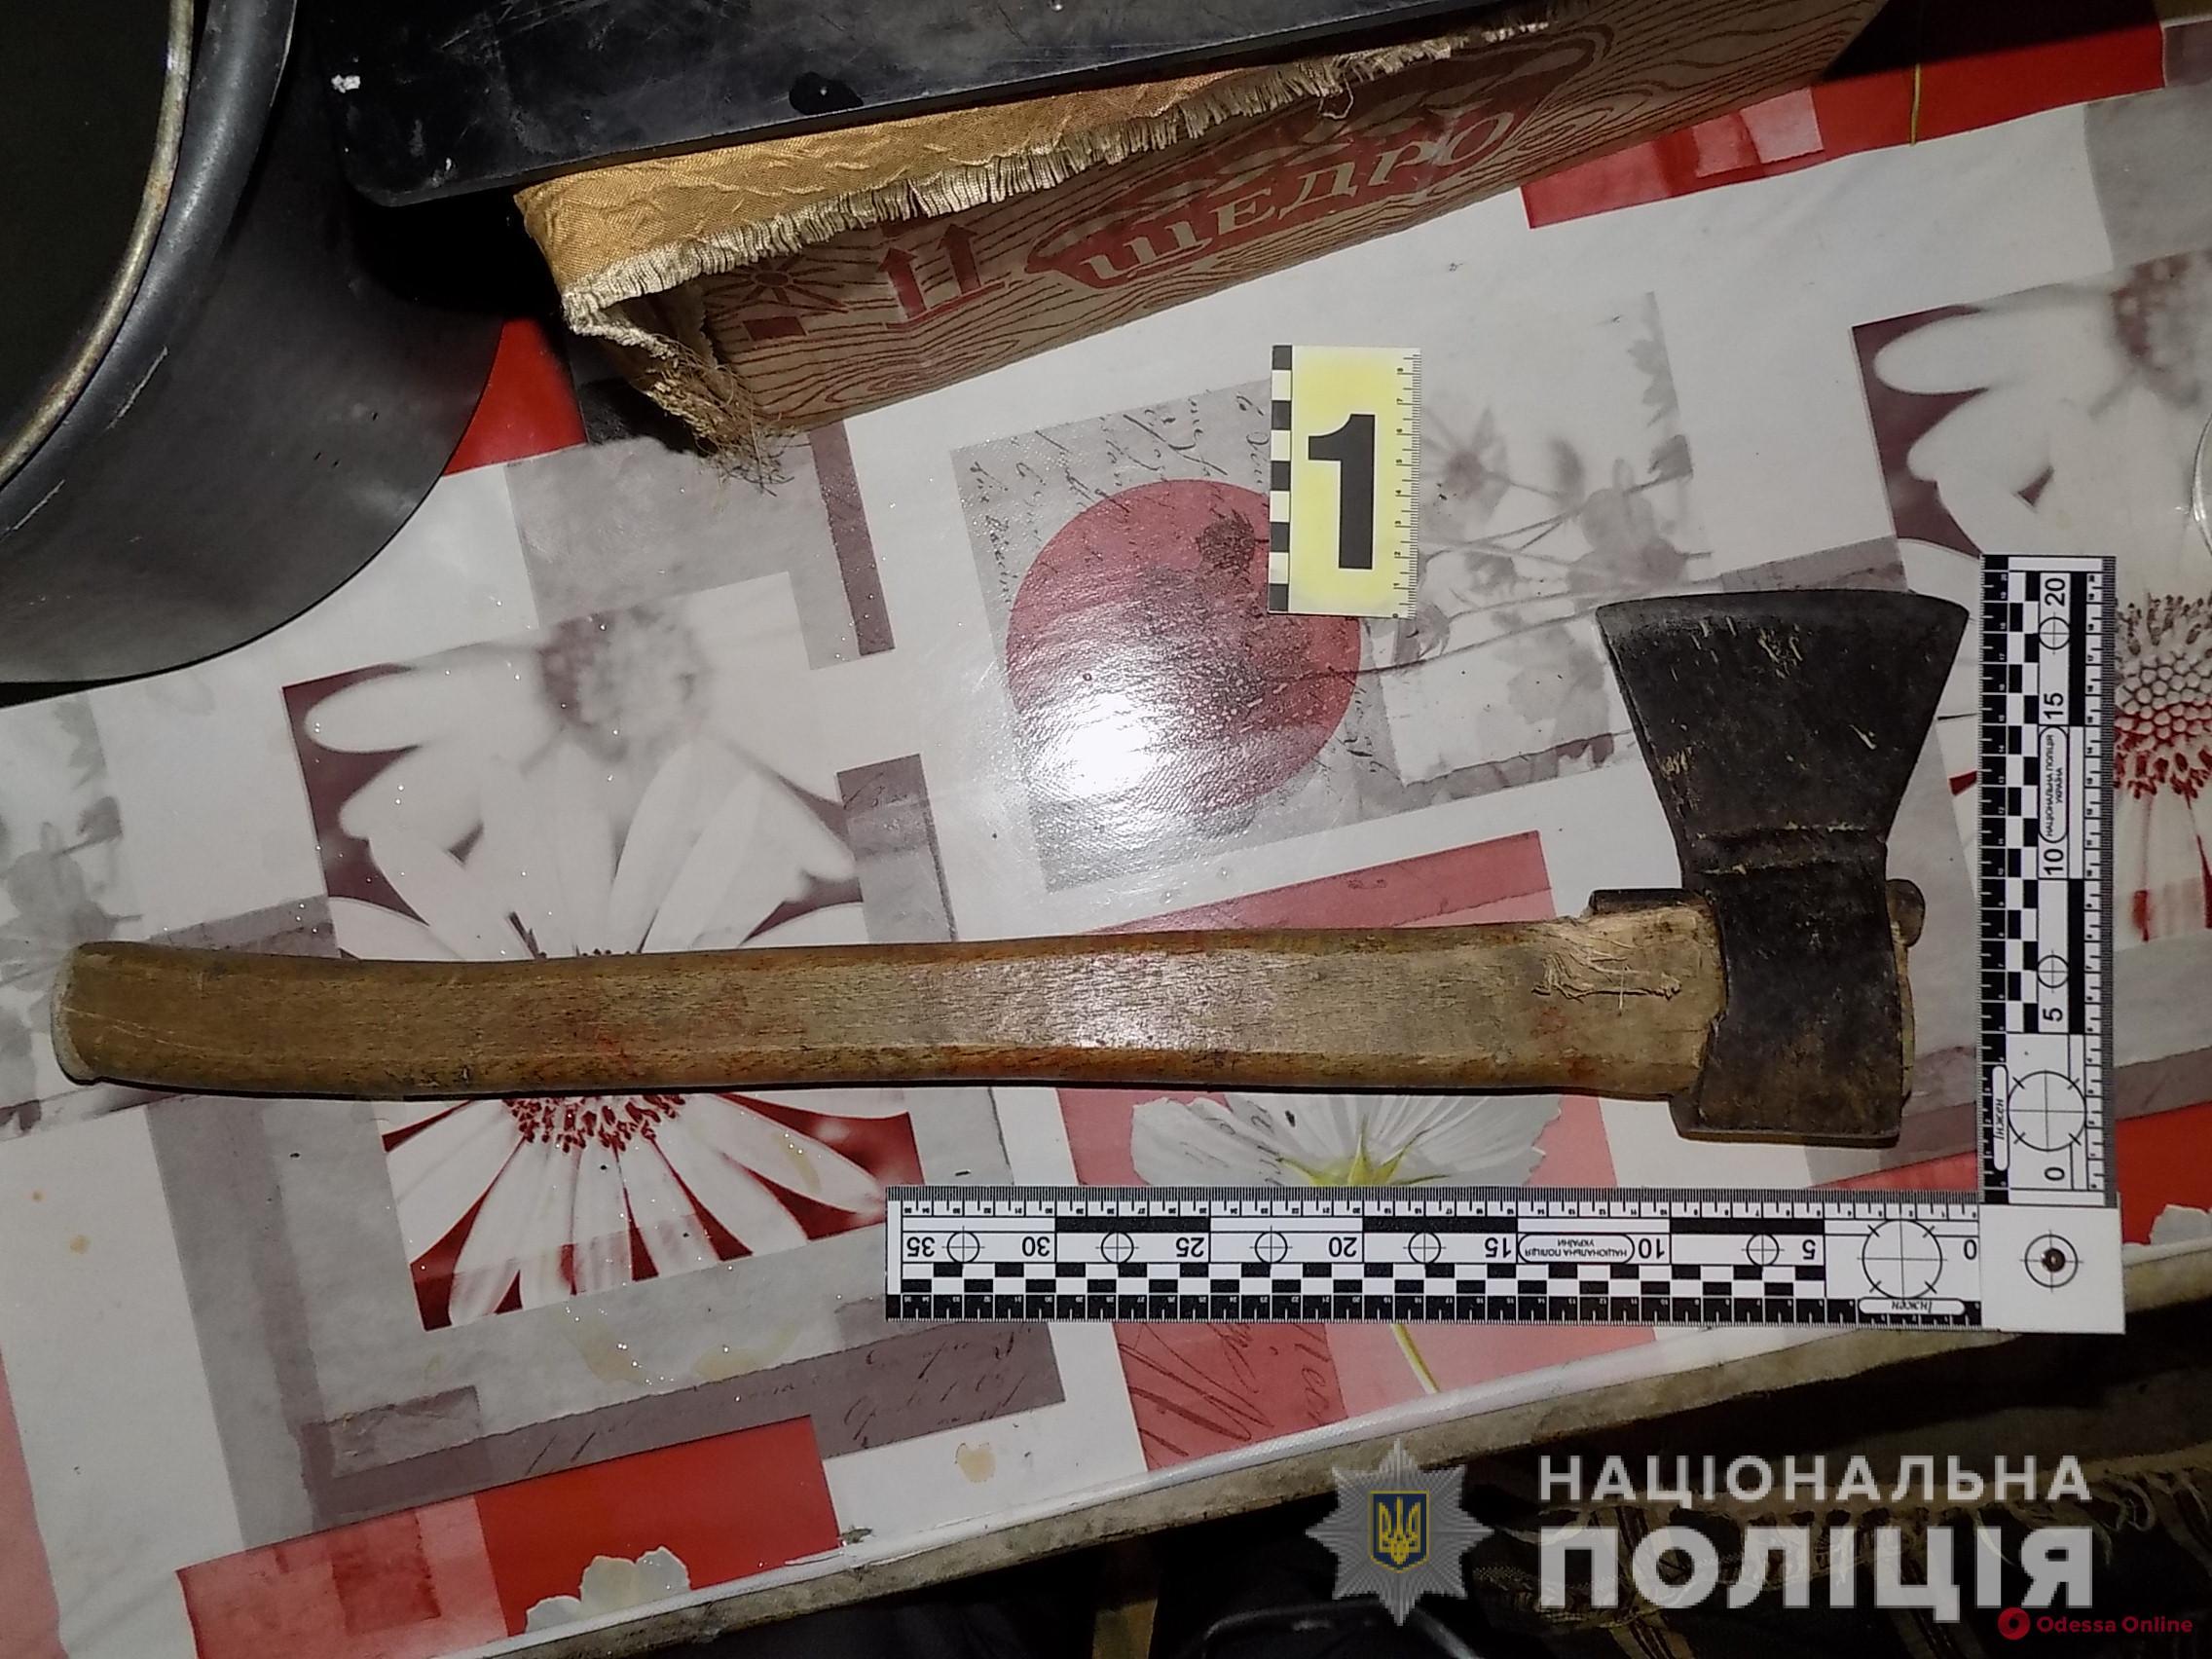 Житель Одесской области ударил отца топором по голове из-за отказа дать сигарету